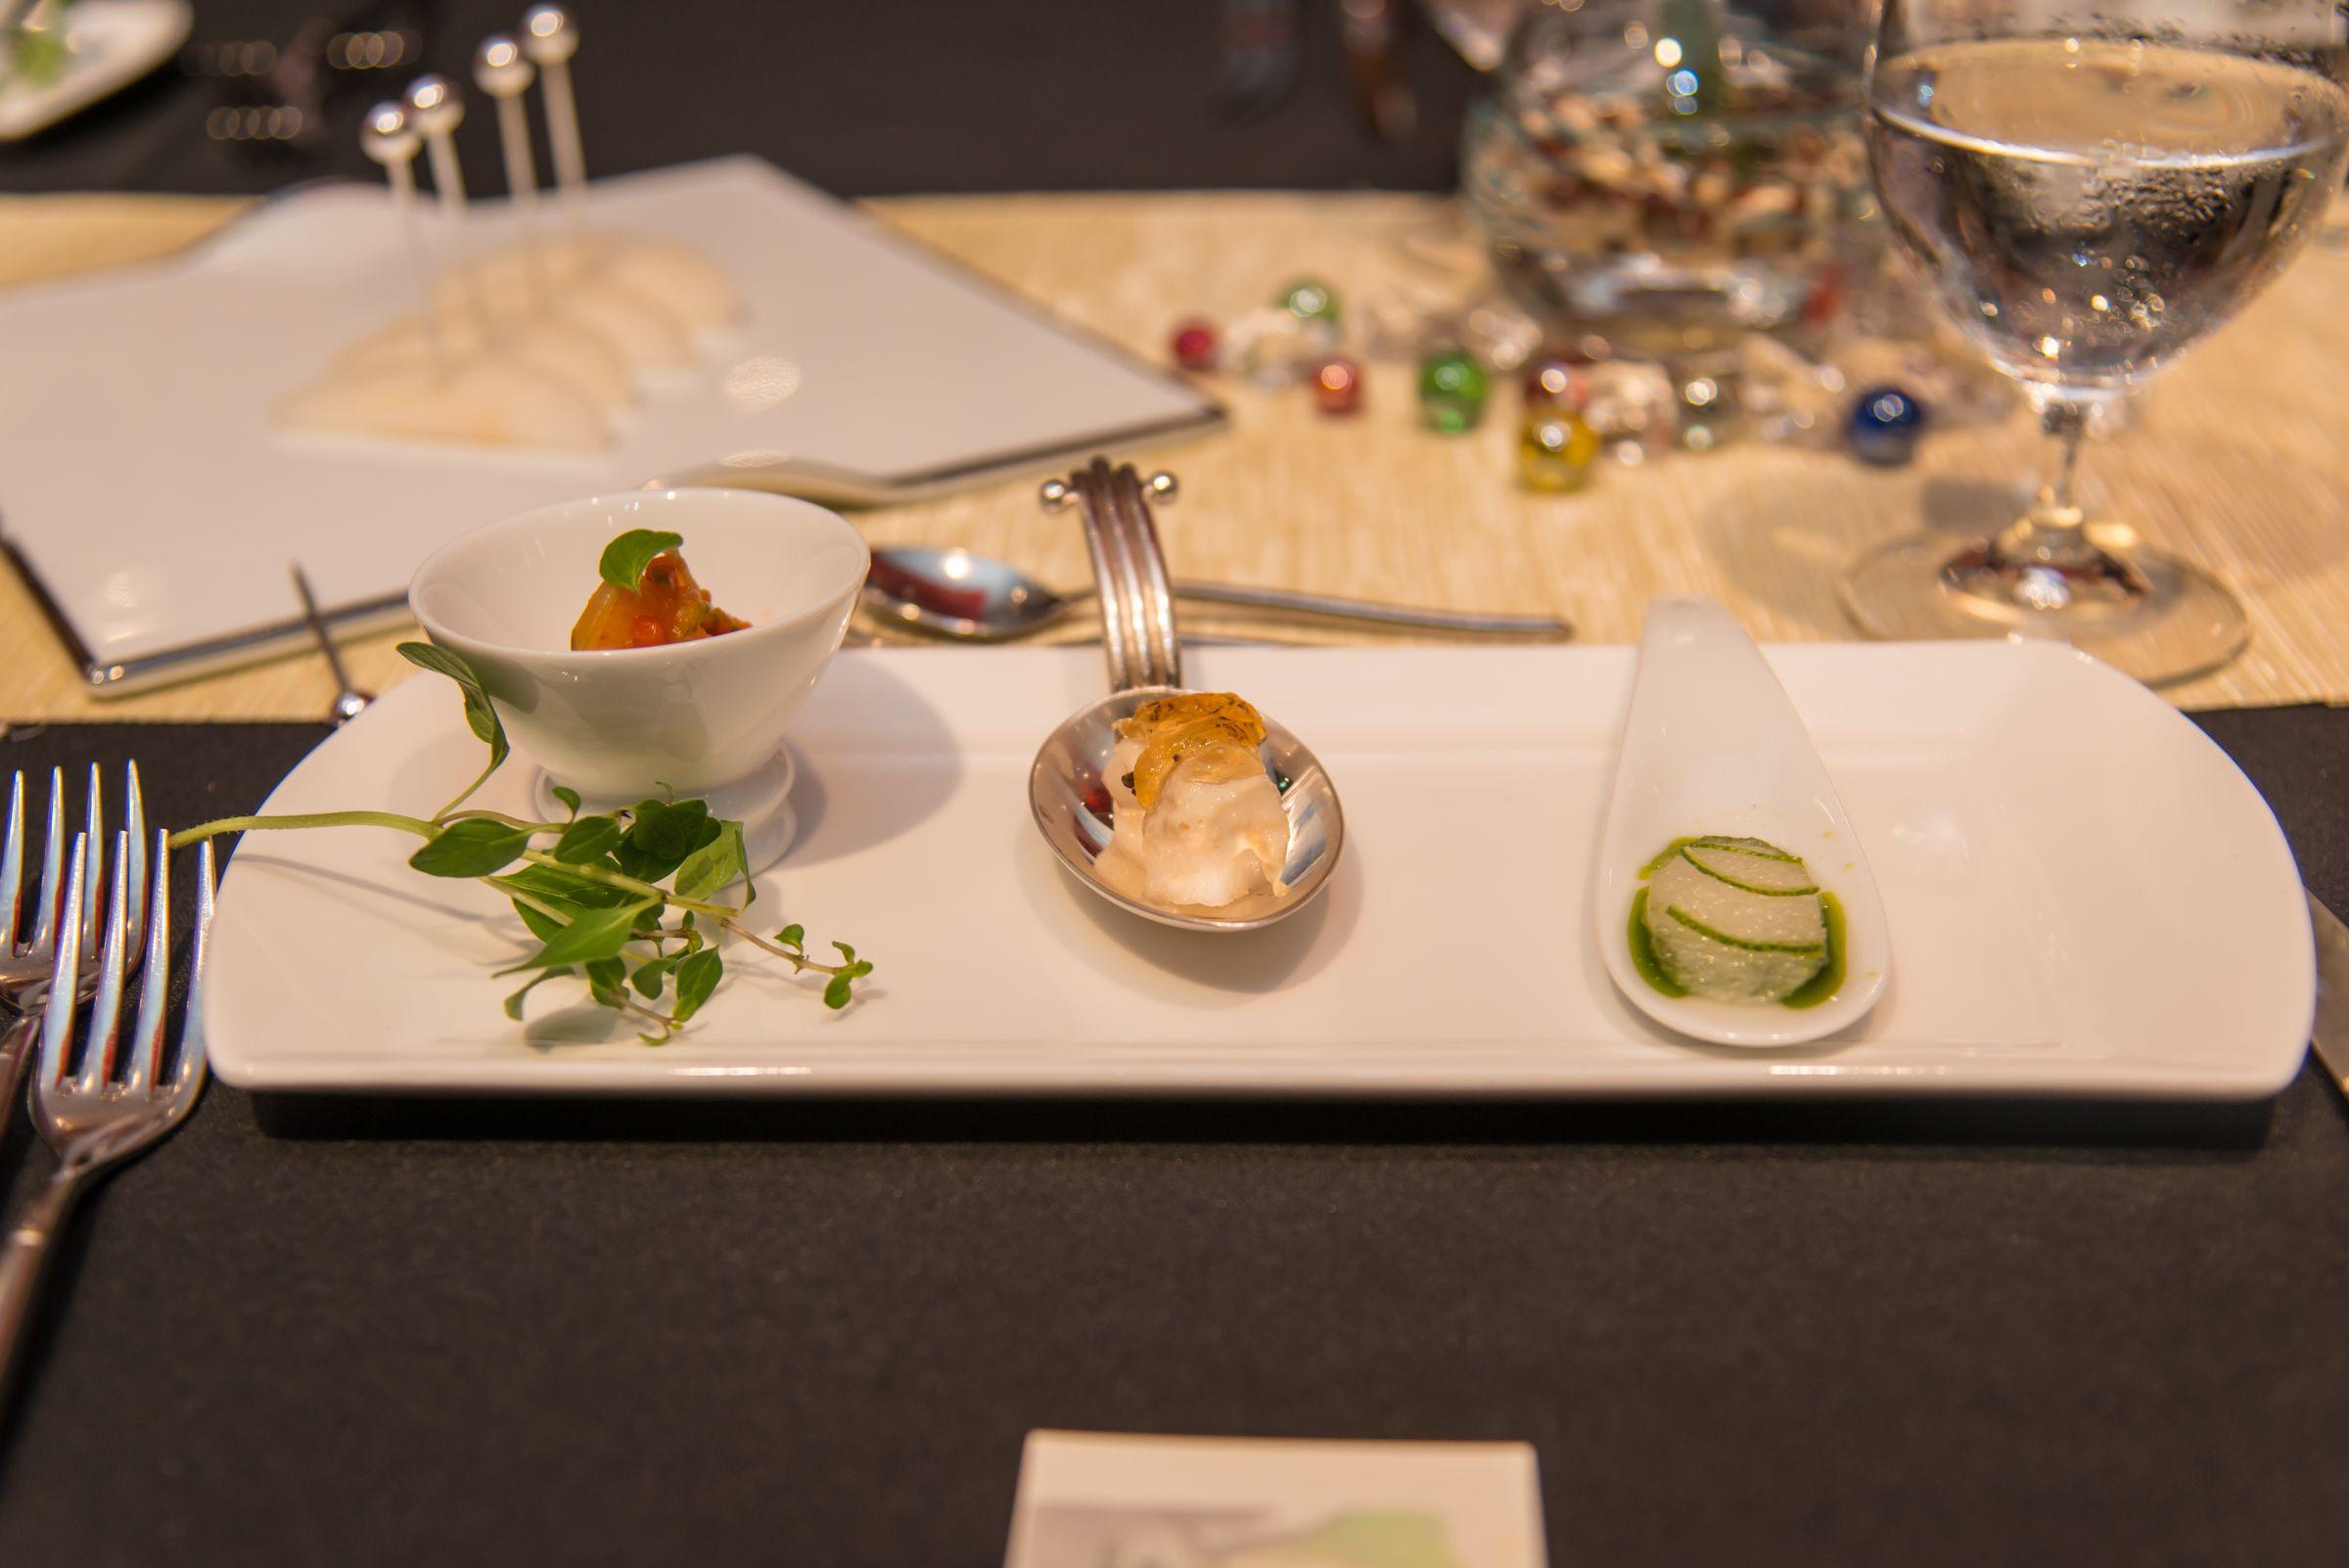 プティアミューズ3点盛り ・和梨のカルパッチョ ライムとバジルの香り ・和梨と豆乳湯葉にコンソメジュレ ・和梨のカクテキ フレンチ風